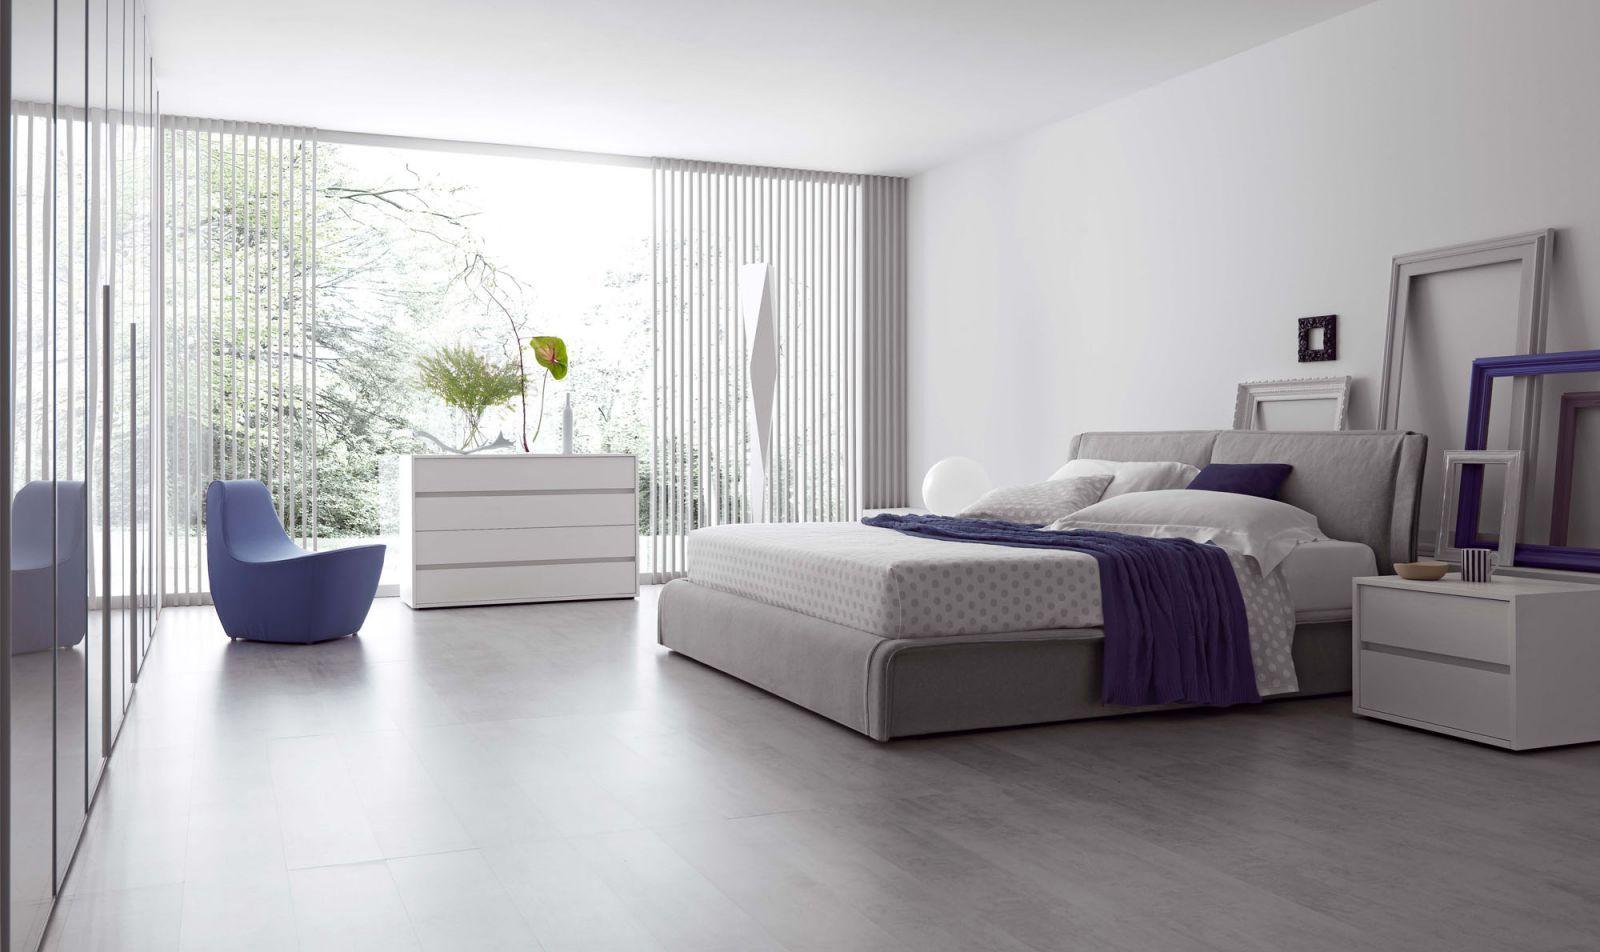 Modern Bedroom For Women purple white modern bedroom for women with windows blind large